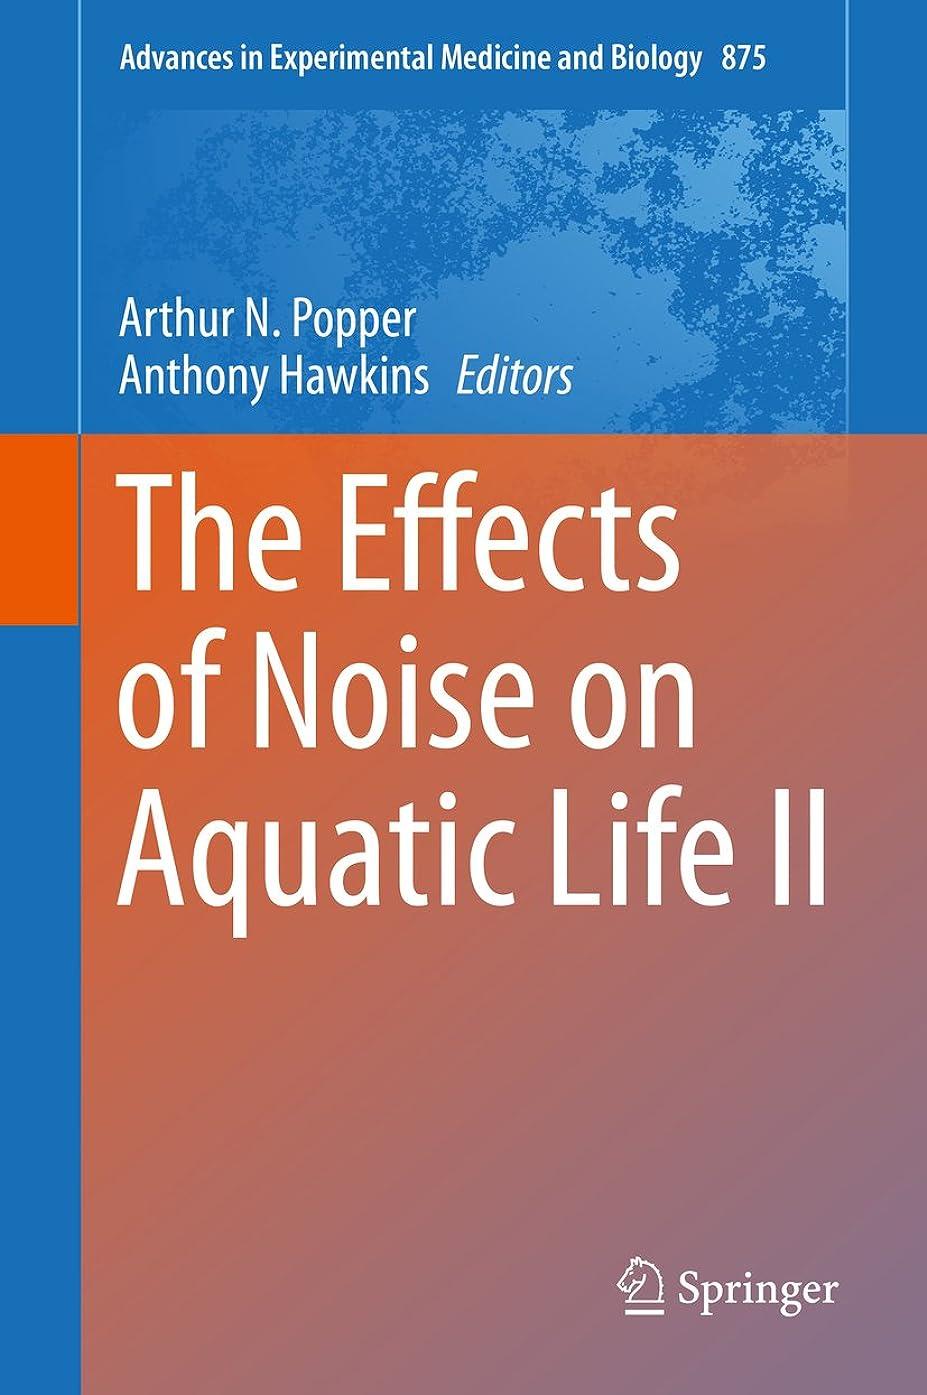 降雨商標だますThe Effects of Noise on Aquatic Life II (Advances in Experimental Medicine and Biology Book 875) (English Edition)